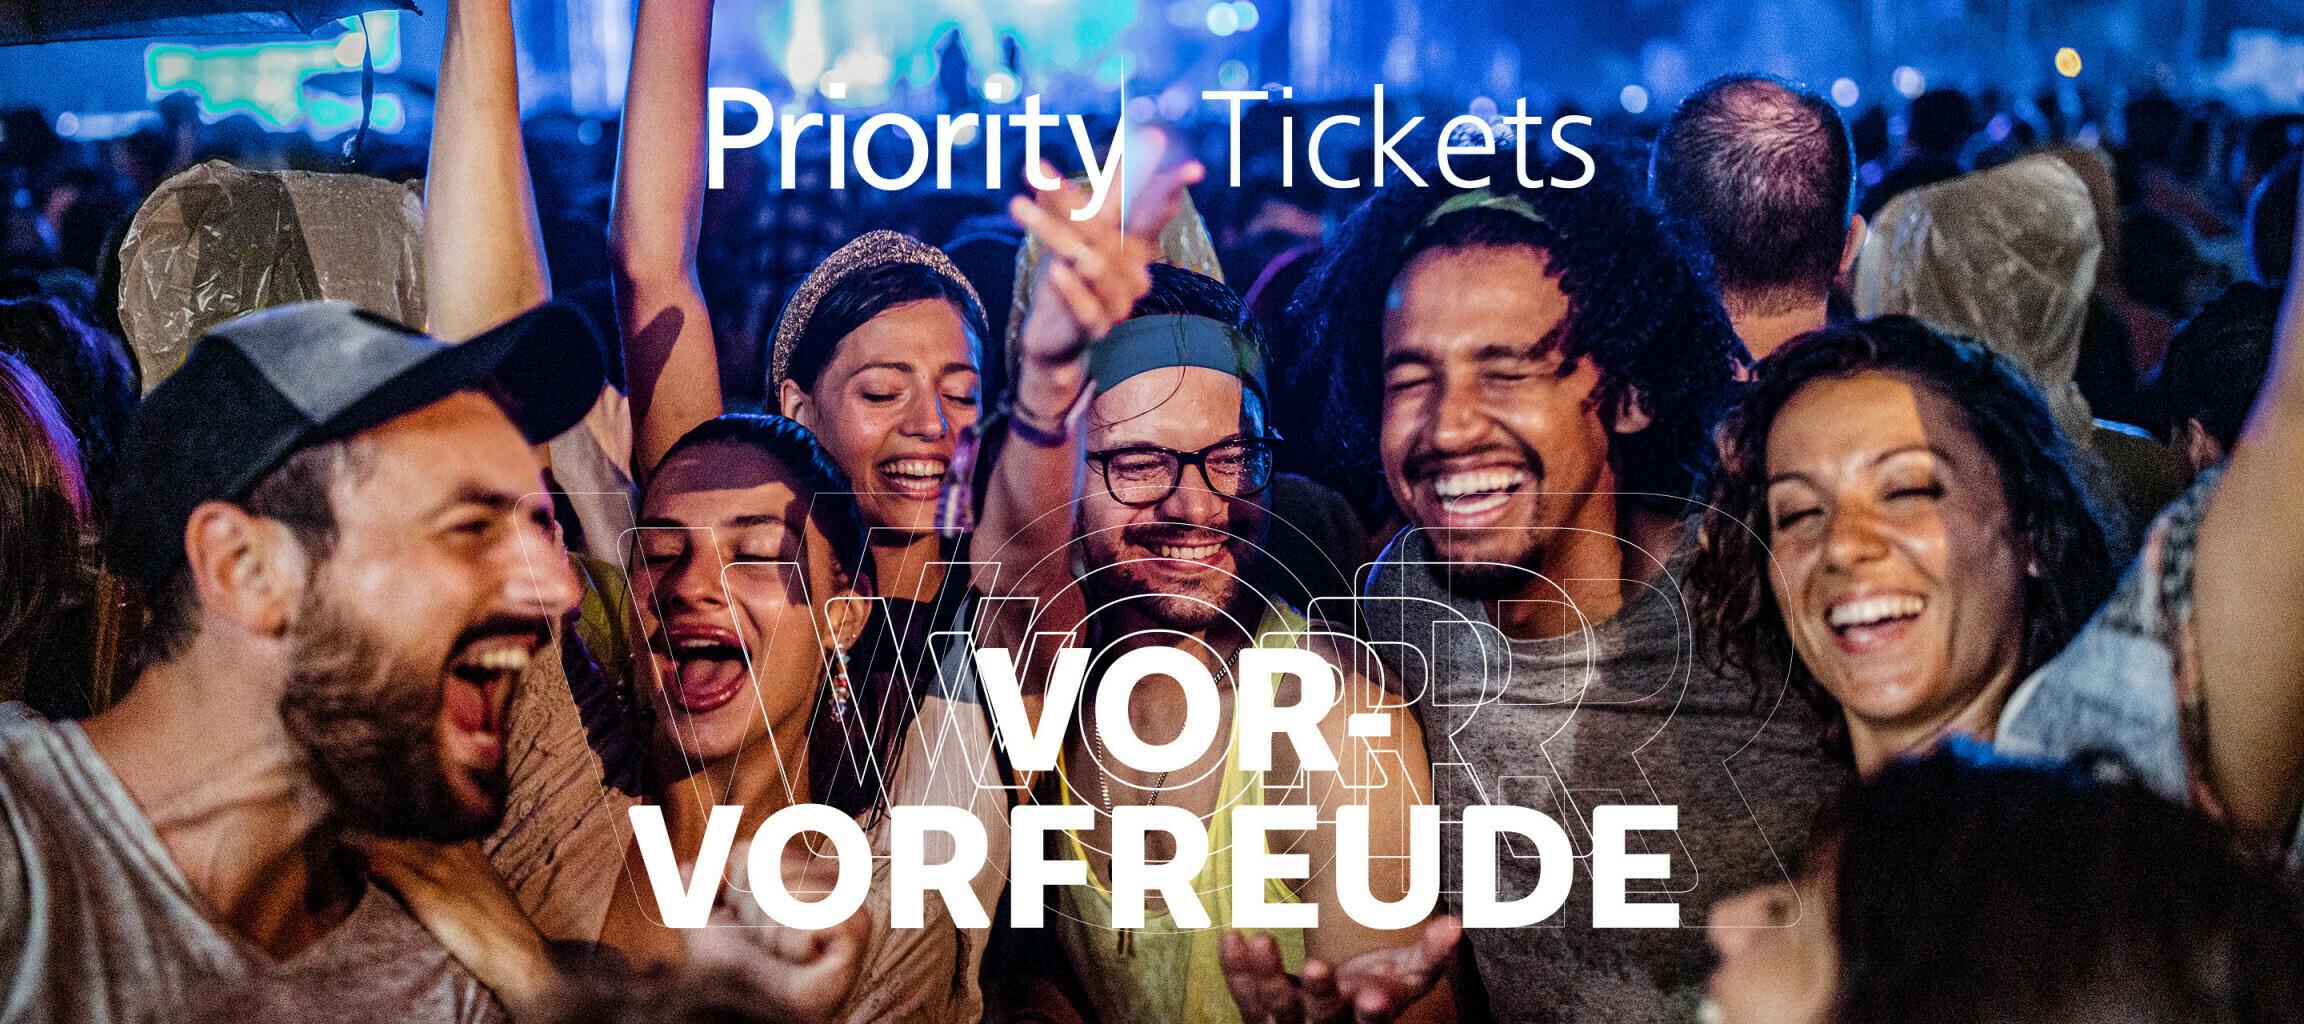 Exklusiver Ticket-Vor-Vorverkauf bei O₂ mit den Priority Tickets